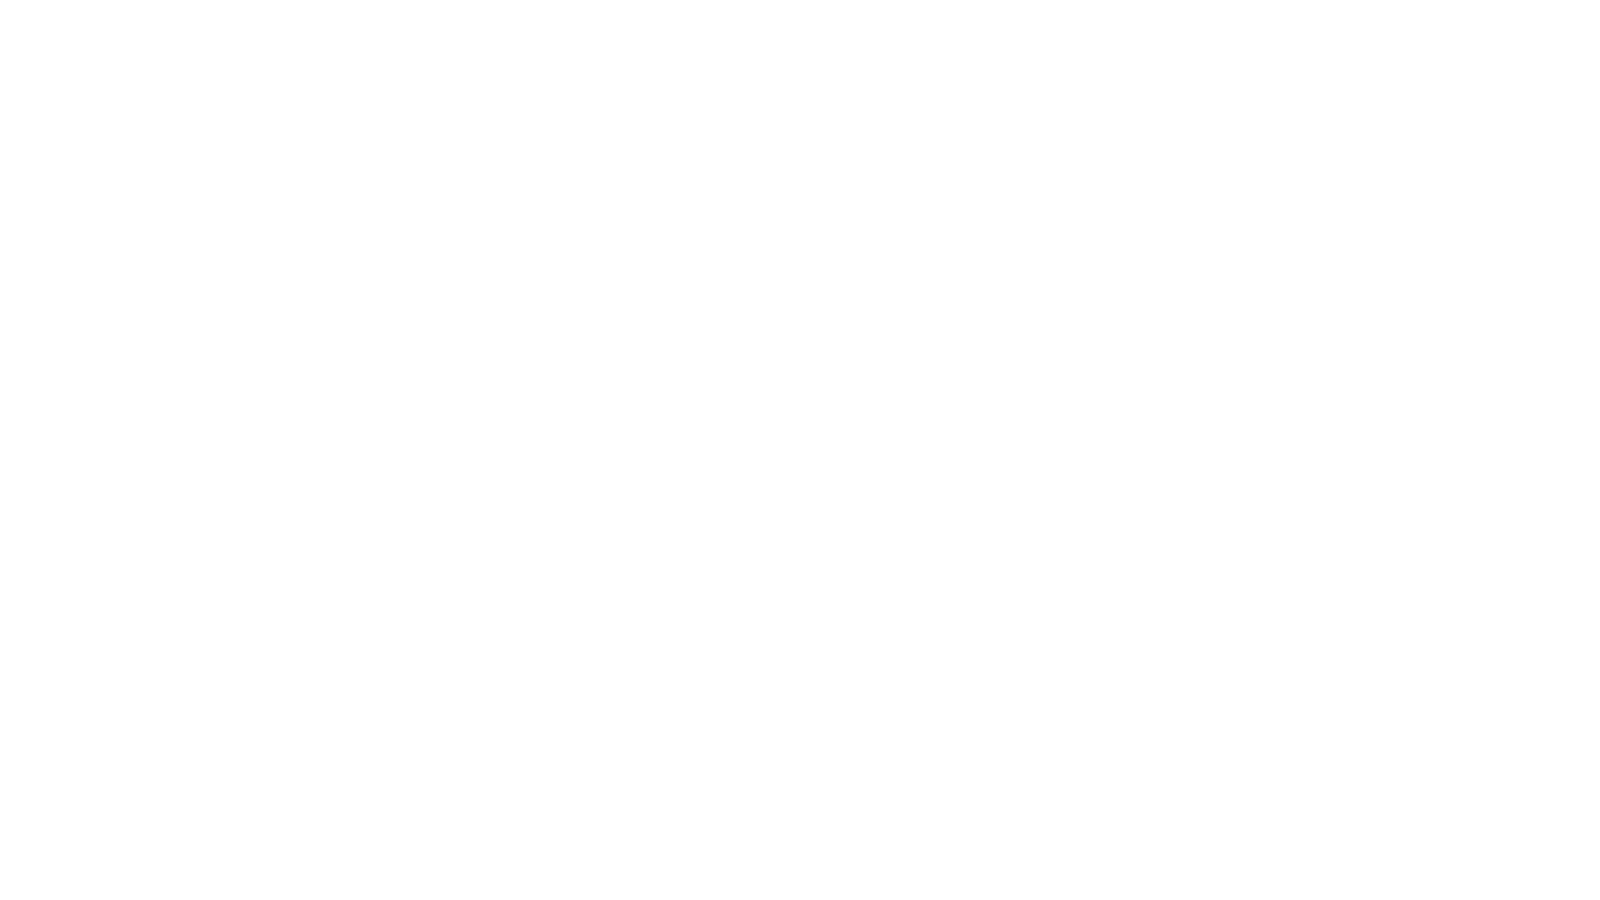 """@Sentido Comun TV El viraje, reculada o frenón que diera el Gobernador de Tamaulipas Francisco Javier García Cabeza de Vaca en el discurso que venía utilizando contra el Gobierno Federal (Léase AMLO) al llamar en un mensaje de video transmitido por redes sociales a brindar todo el apoyo al Presidente de México en el tema del Covid 19, sonó a claudicación, a rendición, a bandera de la paz, aunque Alejandro Rojas Díaz Durán fue mucho más ácido al responderle, también en un video, que el Gobernador no pedía una tregua, sino perdón al gobierno federal, asegurando que no lo habría y habría de terminar en """"el bote"""""""